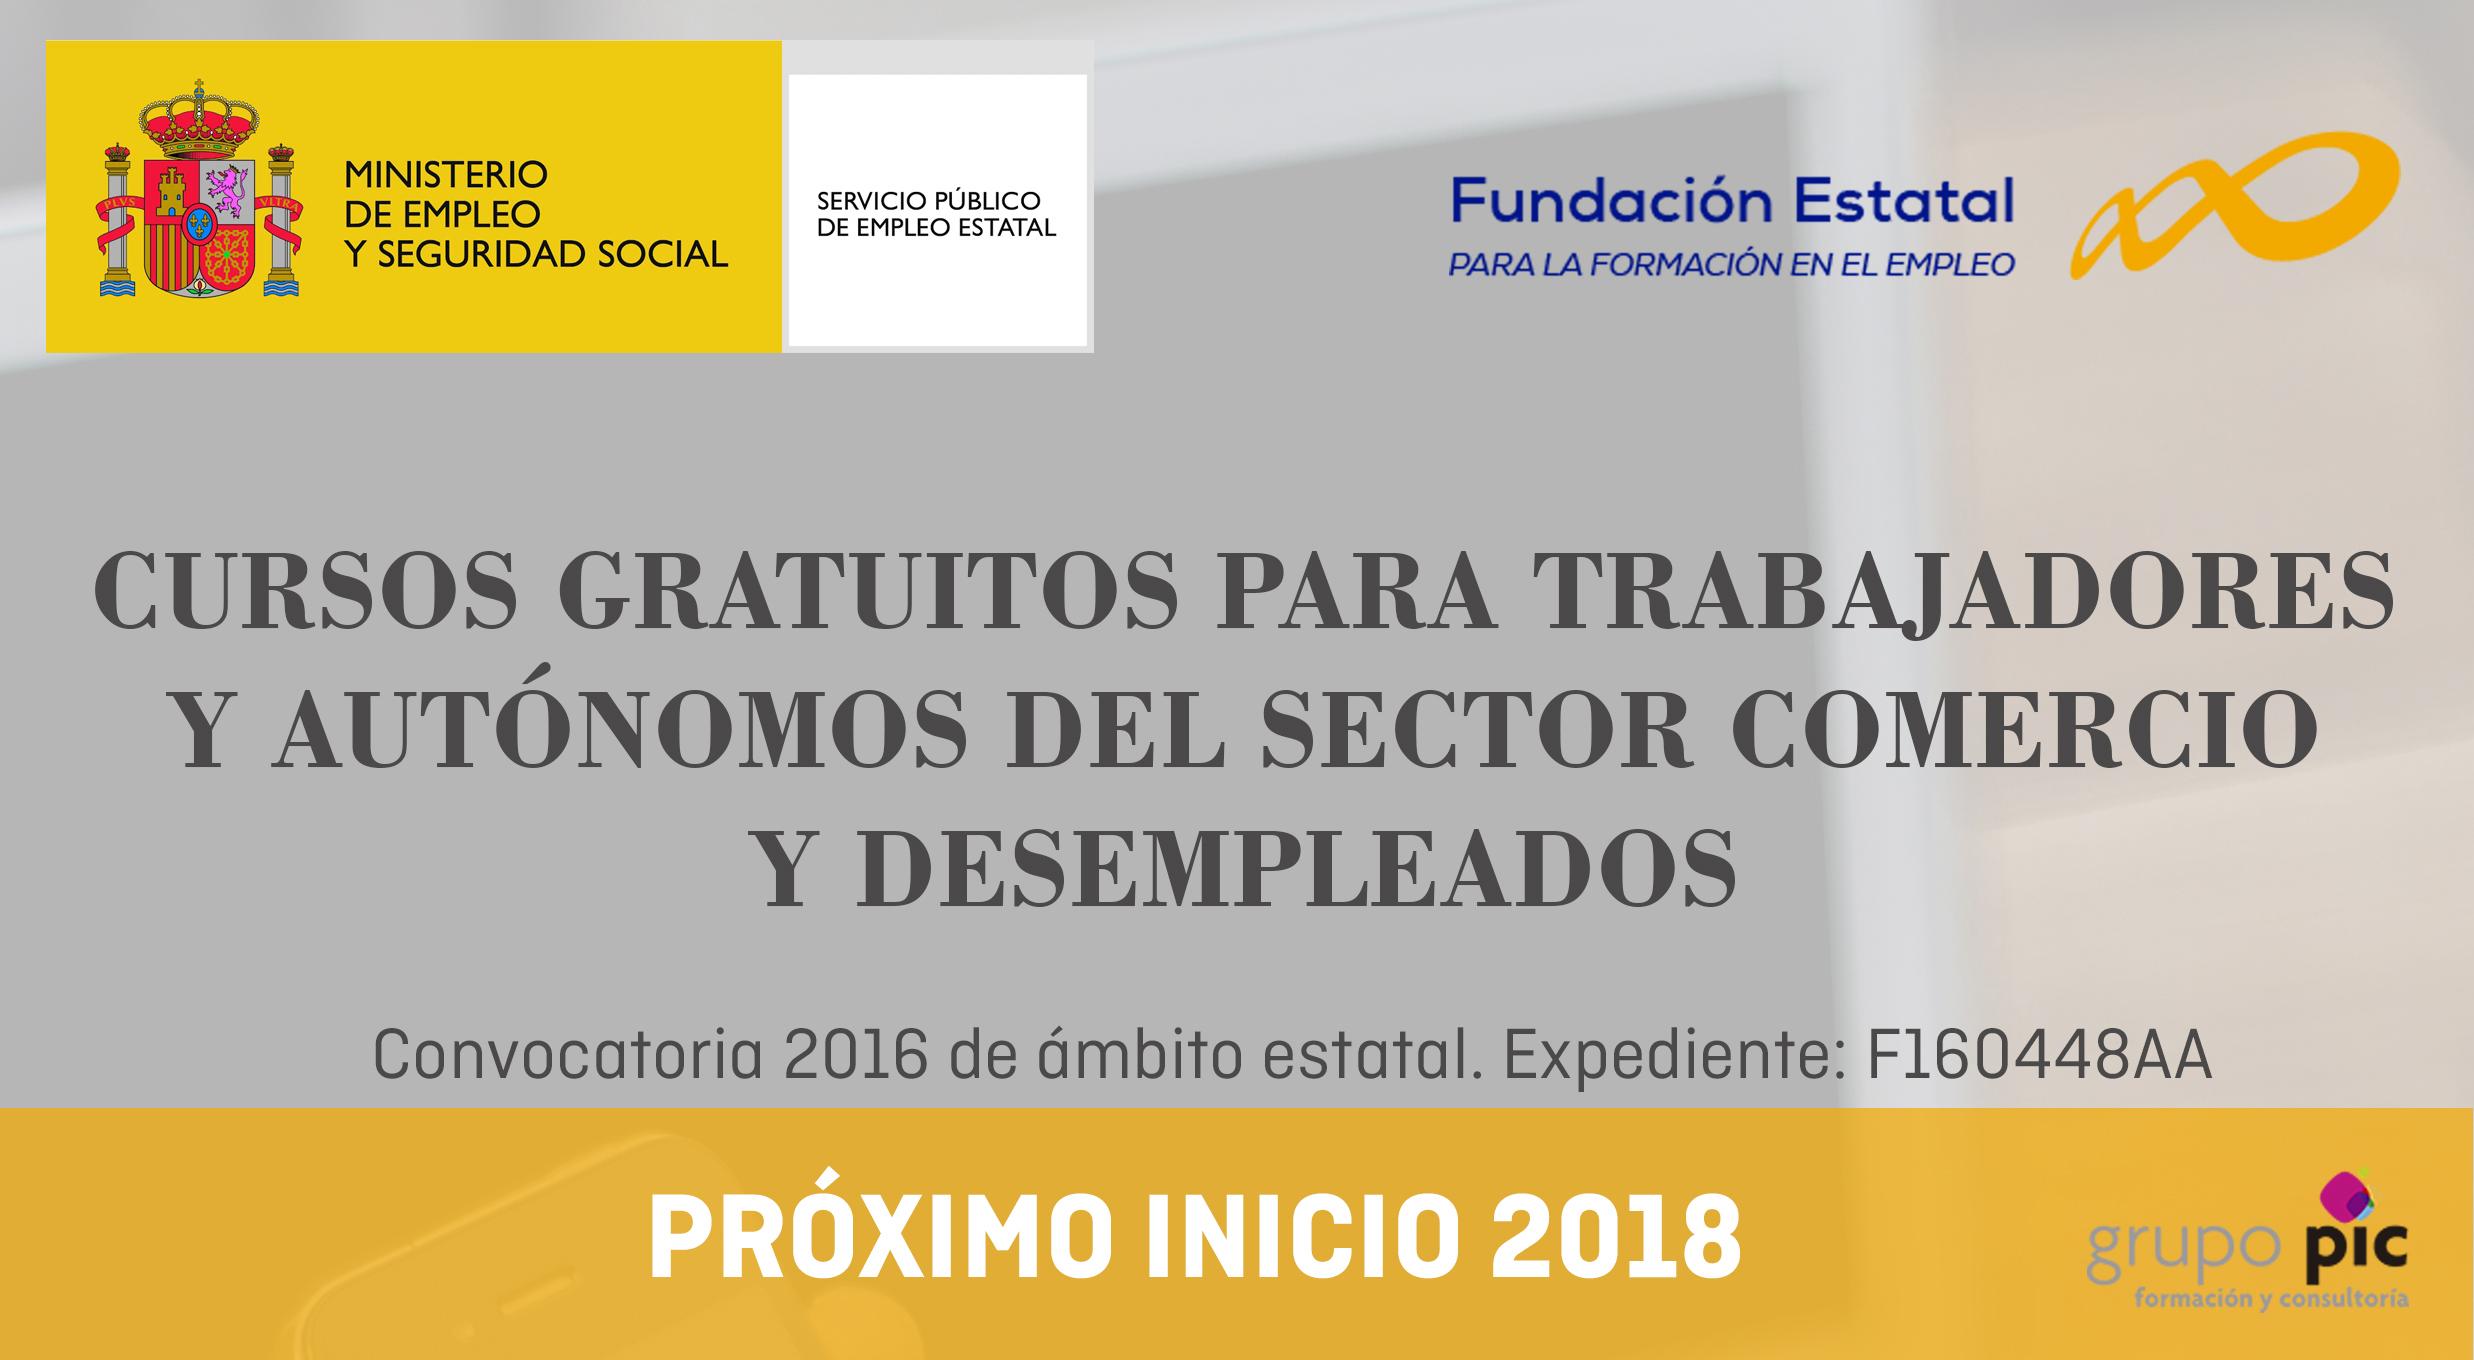 GRUPOPIC CURSOS GRATUITOS 2018 Sector Comercio